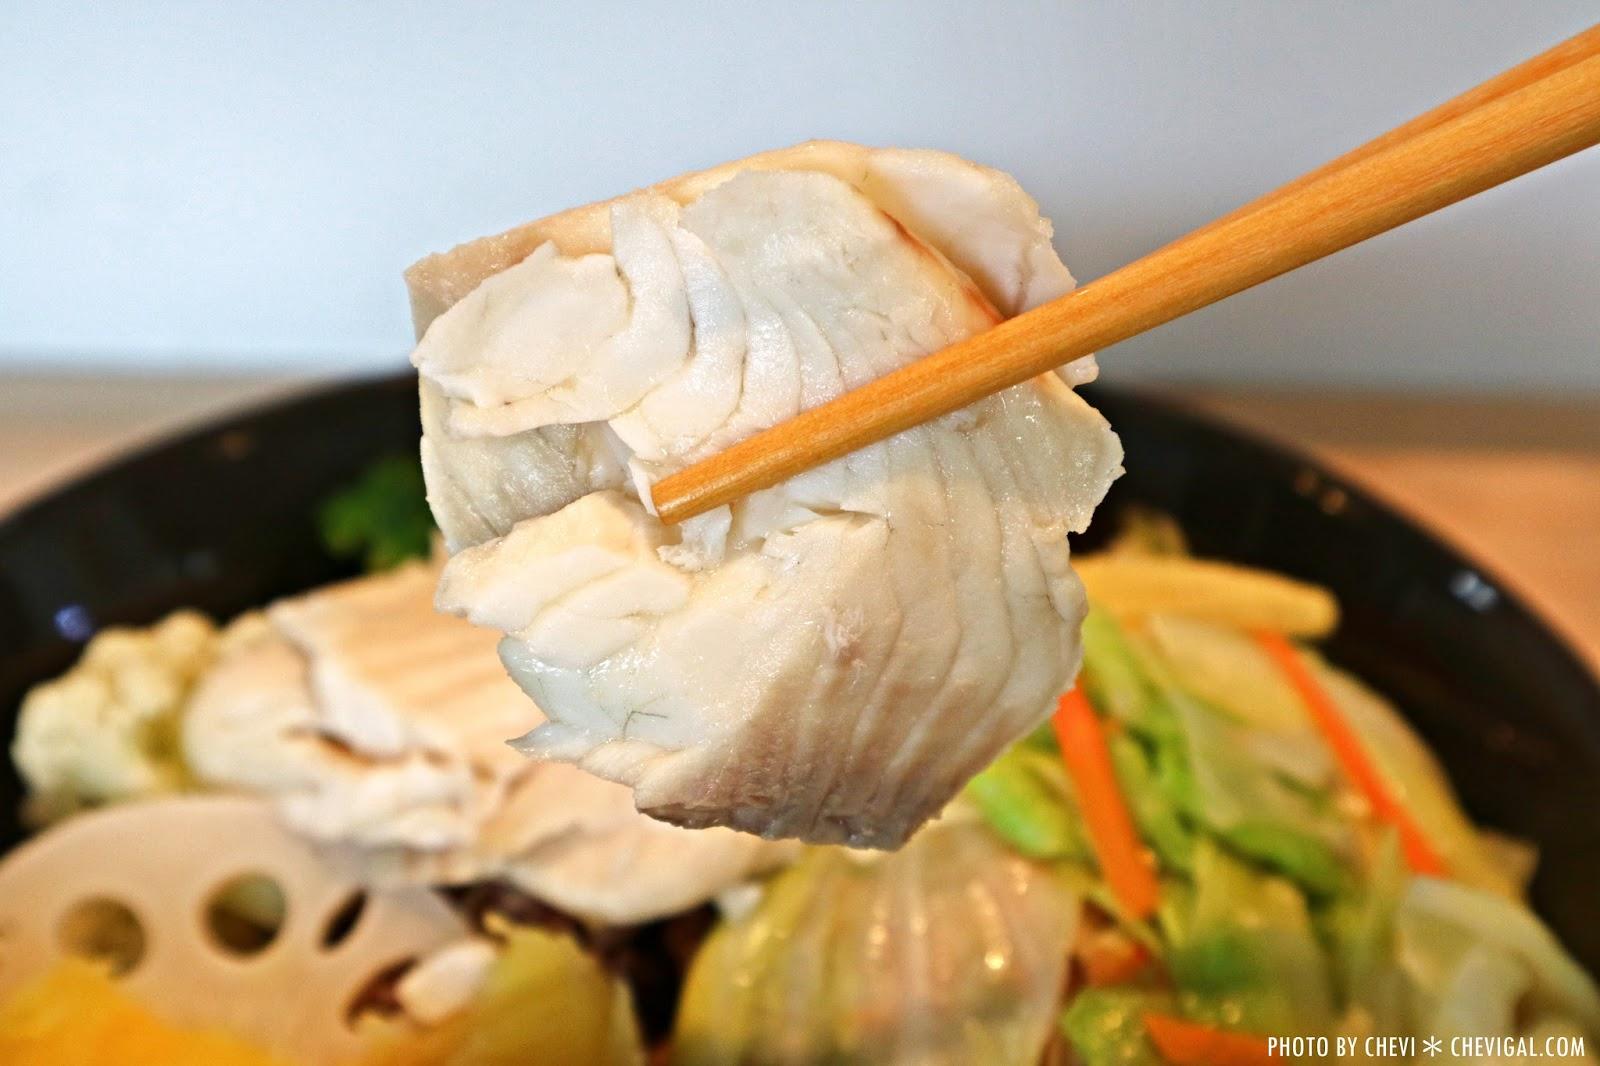 IMG 9620 - 台中北區│糧倉 纖健水煮*隱身在柳川西路的文青小店。清爽水煮料理讓你吃到鮮甜原味